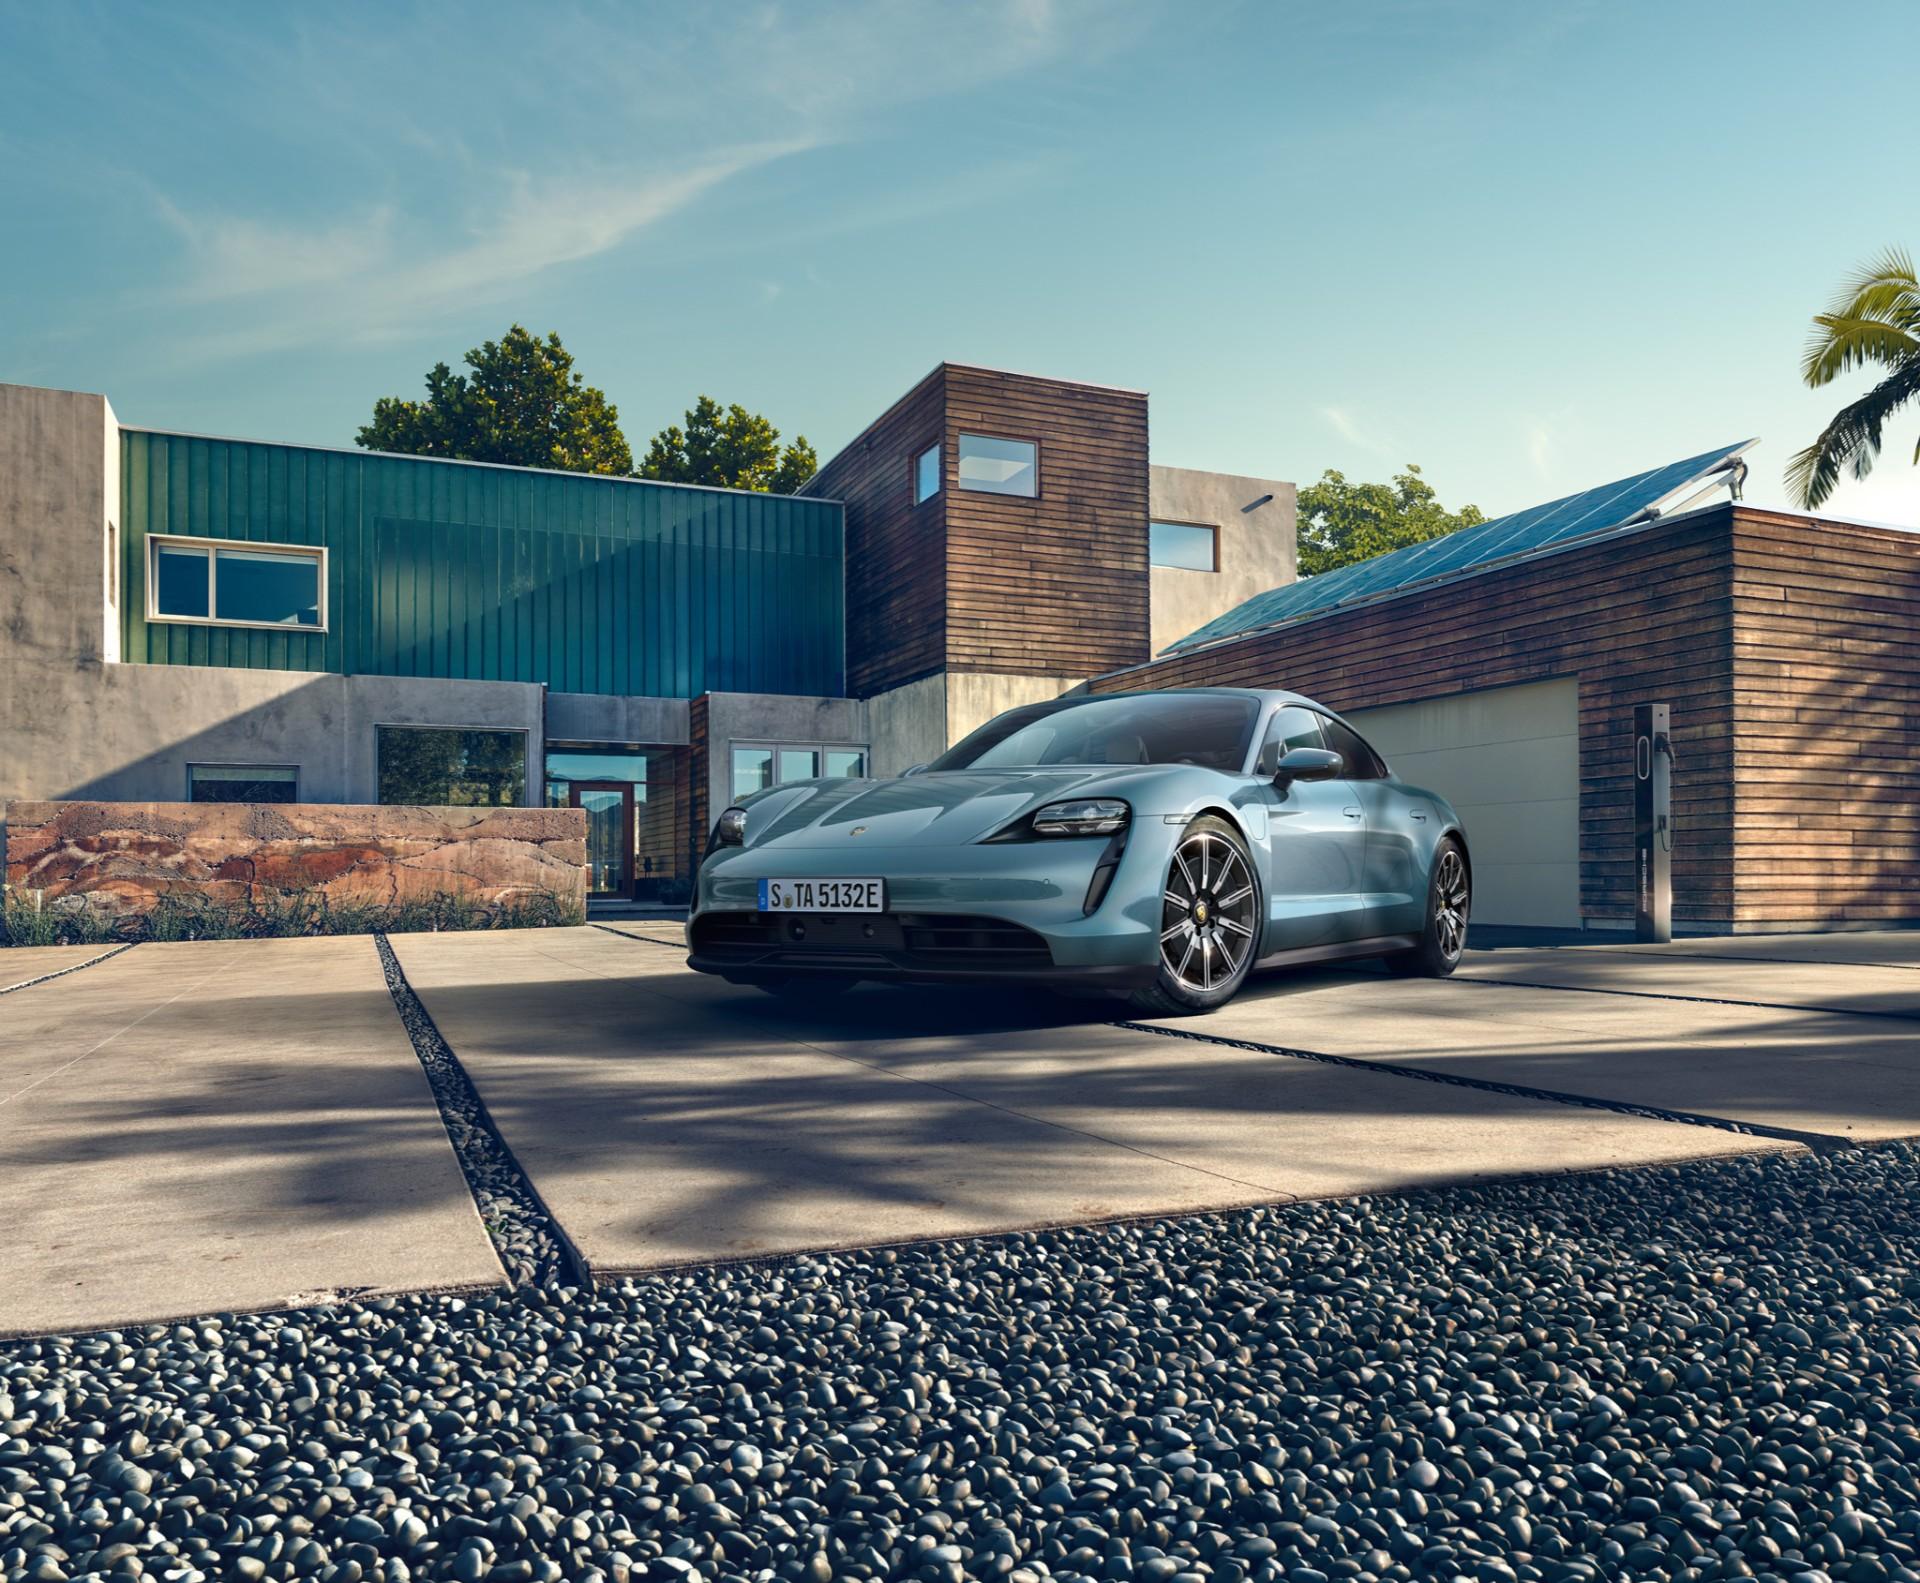 Porsche Taycan Best Car To Buy 2020 Nominee